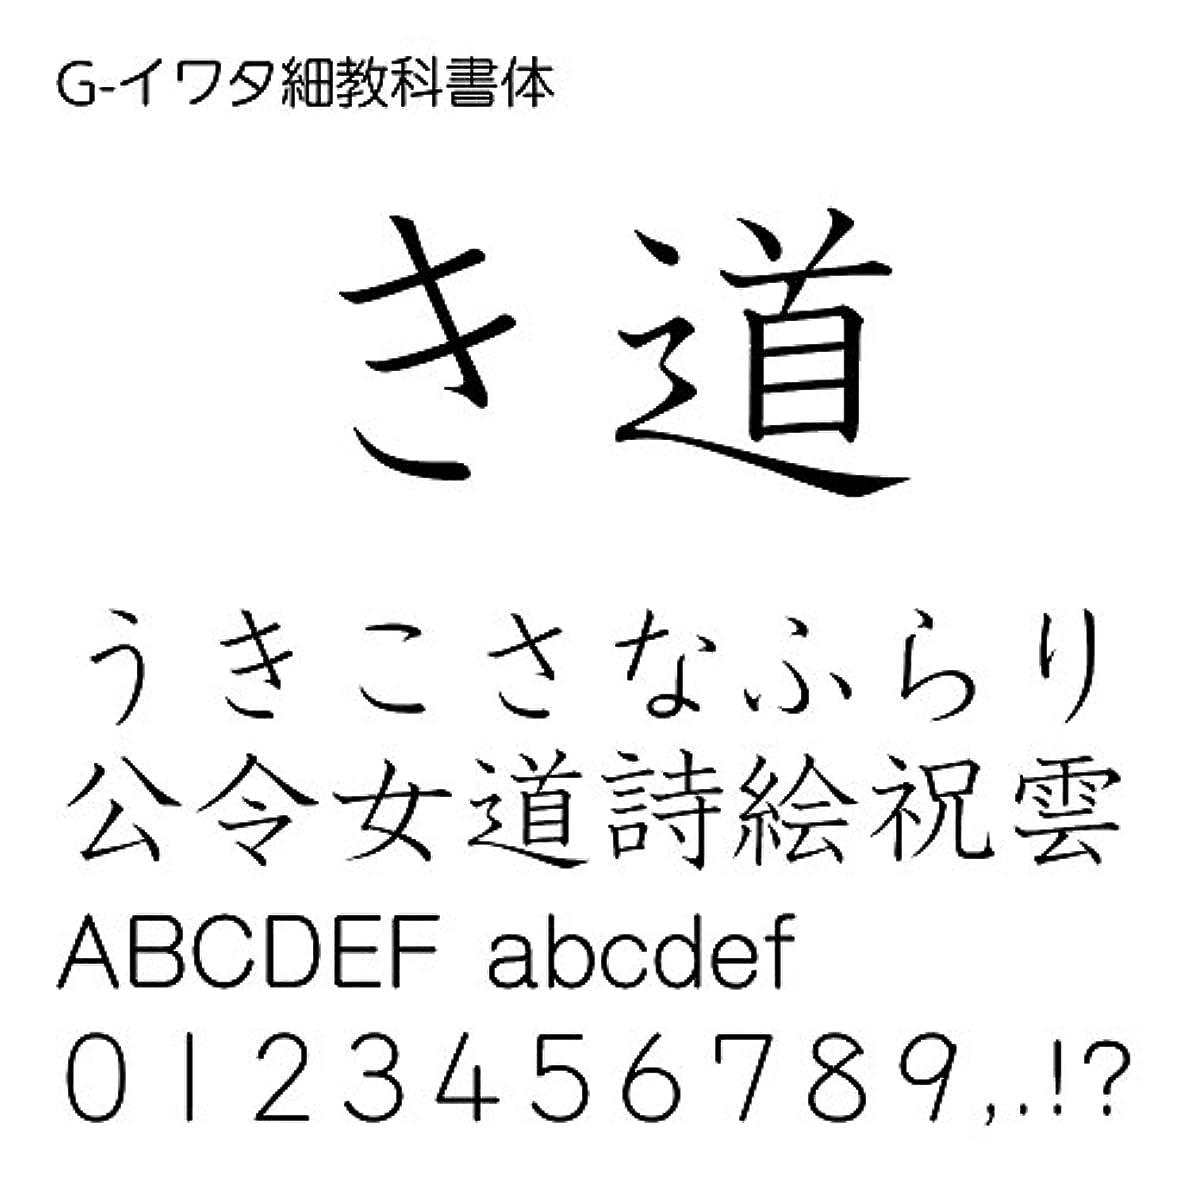 G-イワタ細教科書体Pro OpenType Font for Windows [ダウンロード]